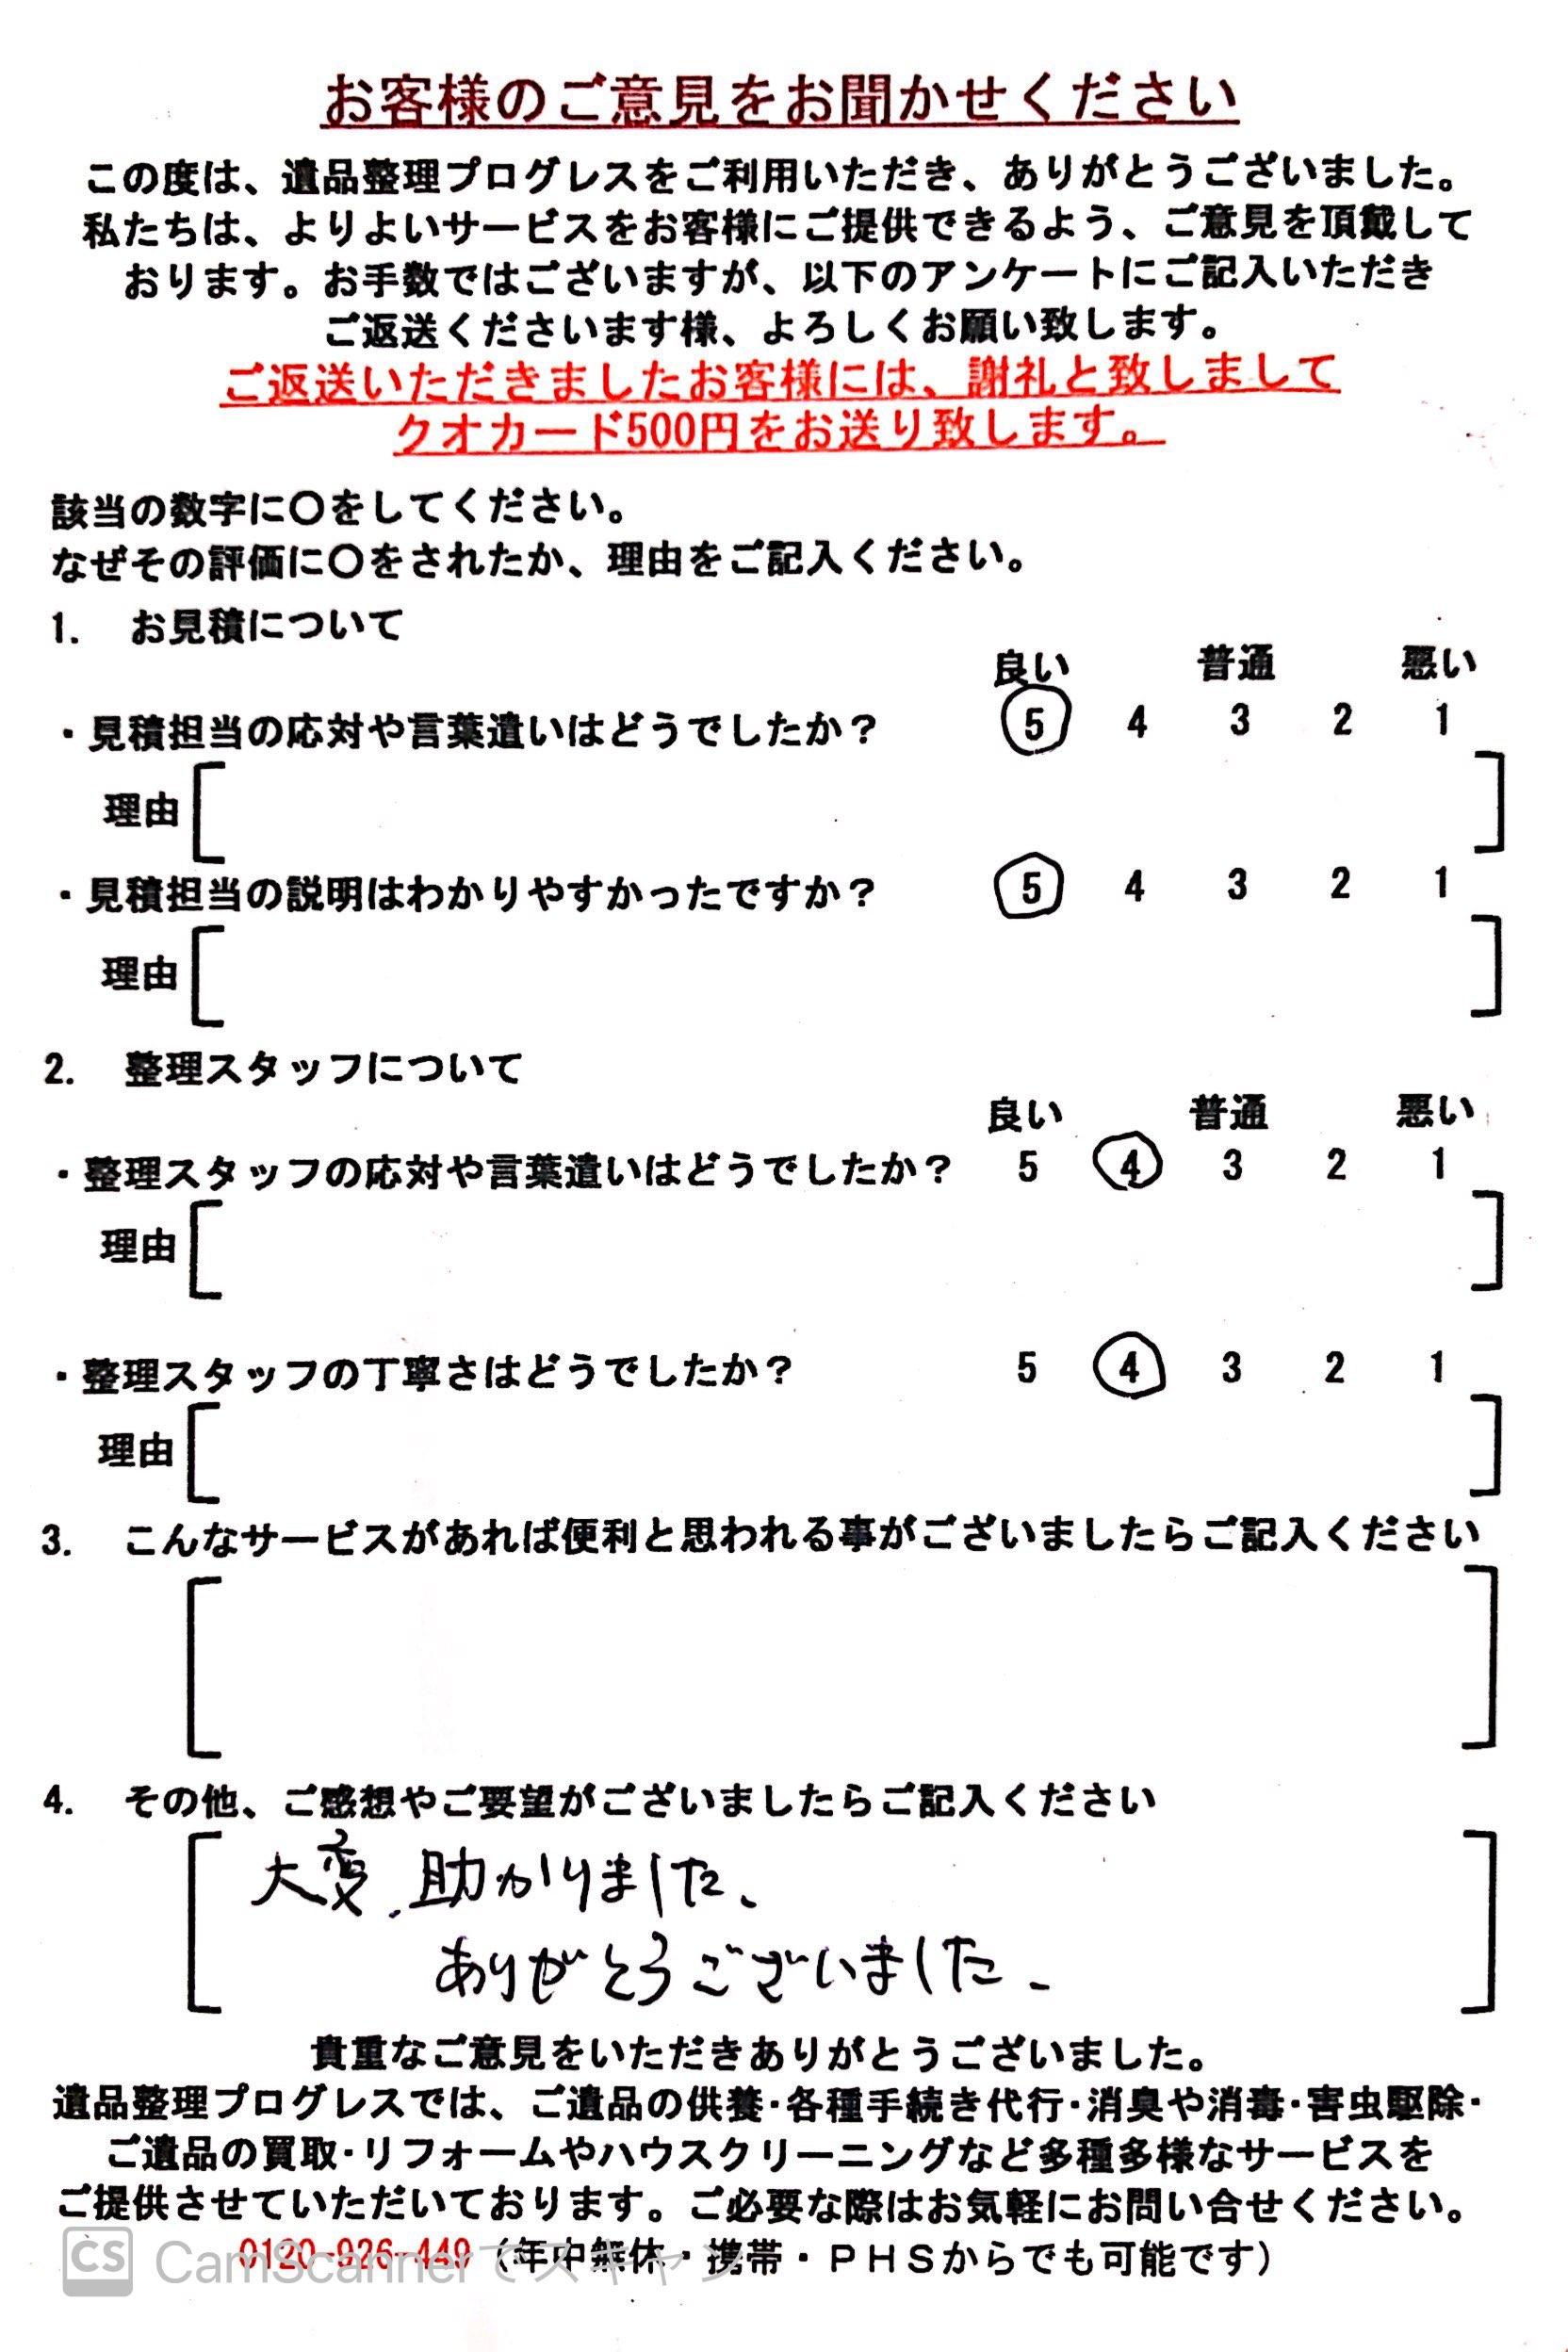 群馬県渋川市 N・T様のアンケート用紙